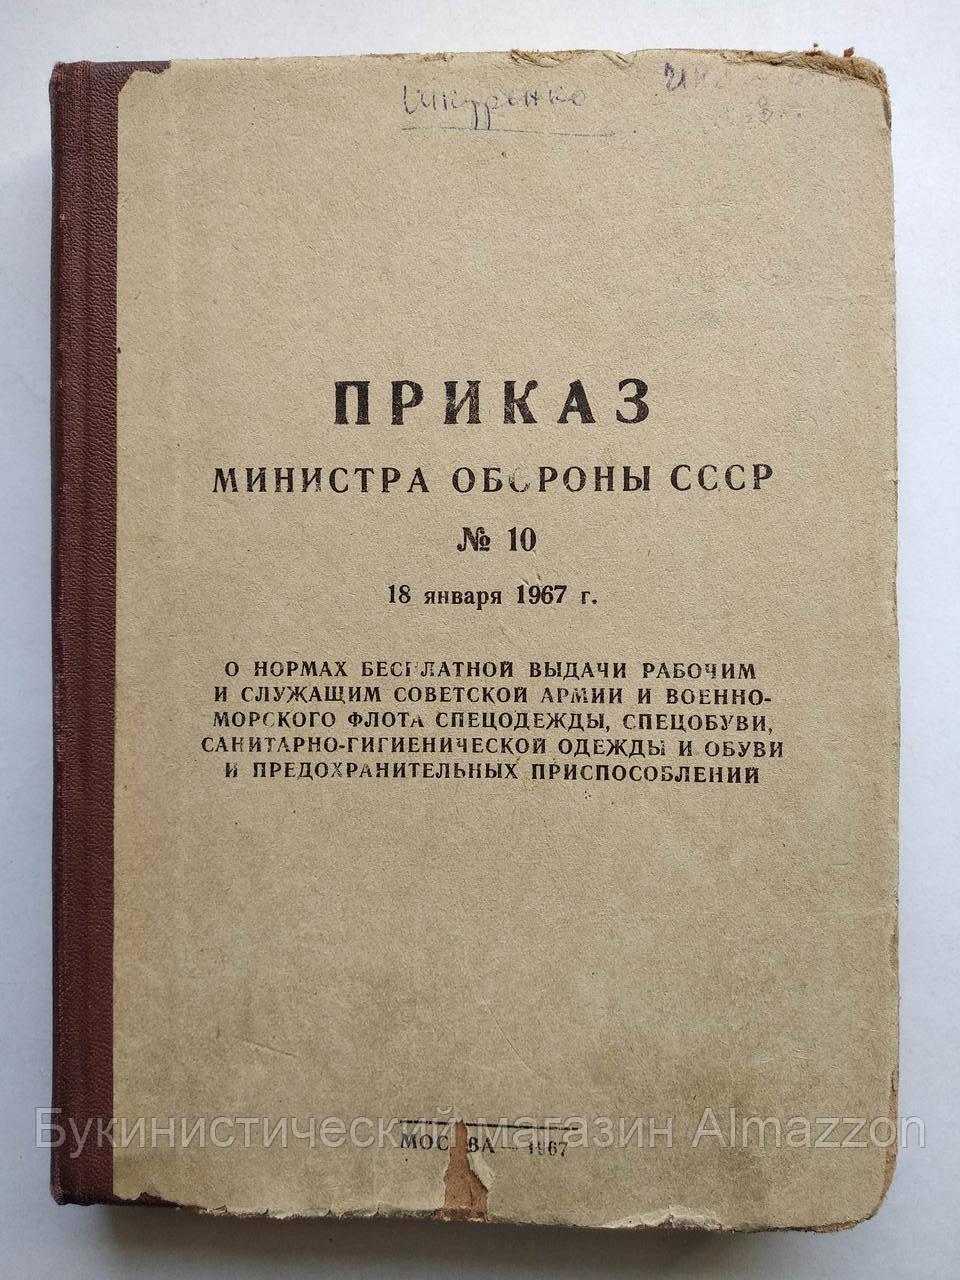 Приказ №10 О нормах бесплатной выдачи рабочим и служащим Советский Армии и ВМФ спецодежды, спецобуви